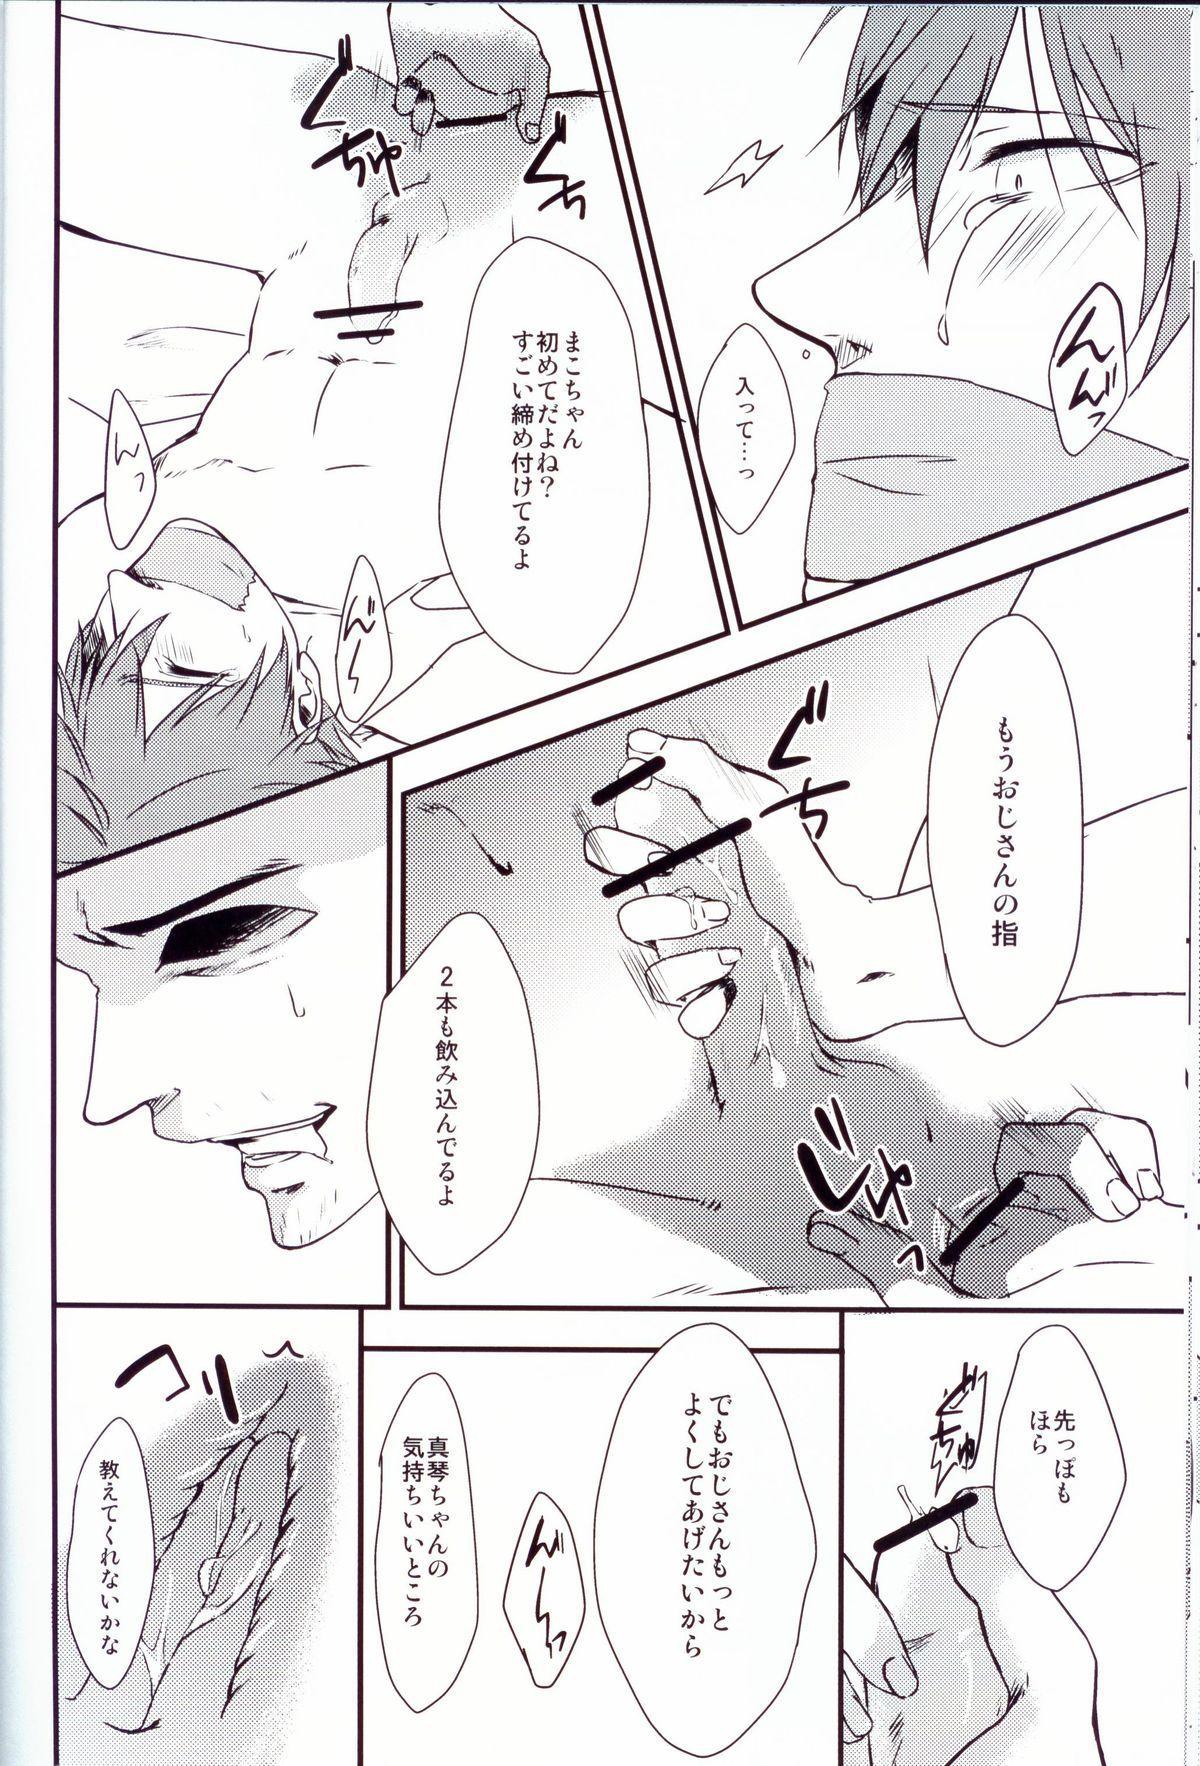 Makoto-chan o doro doro ni suru hon 22